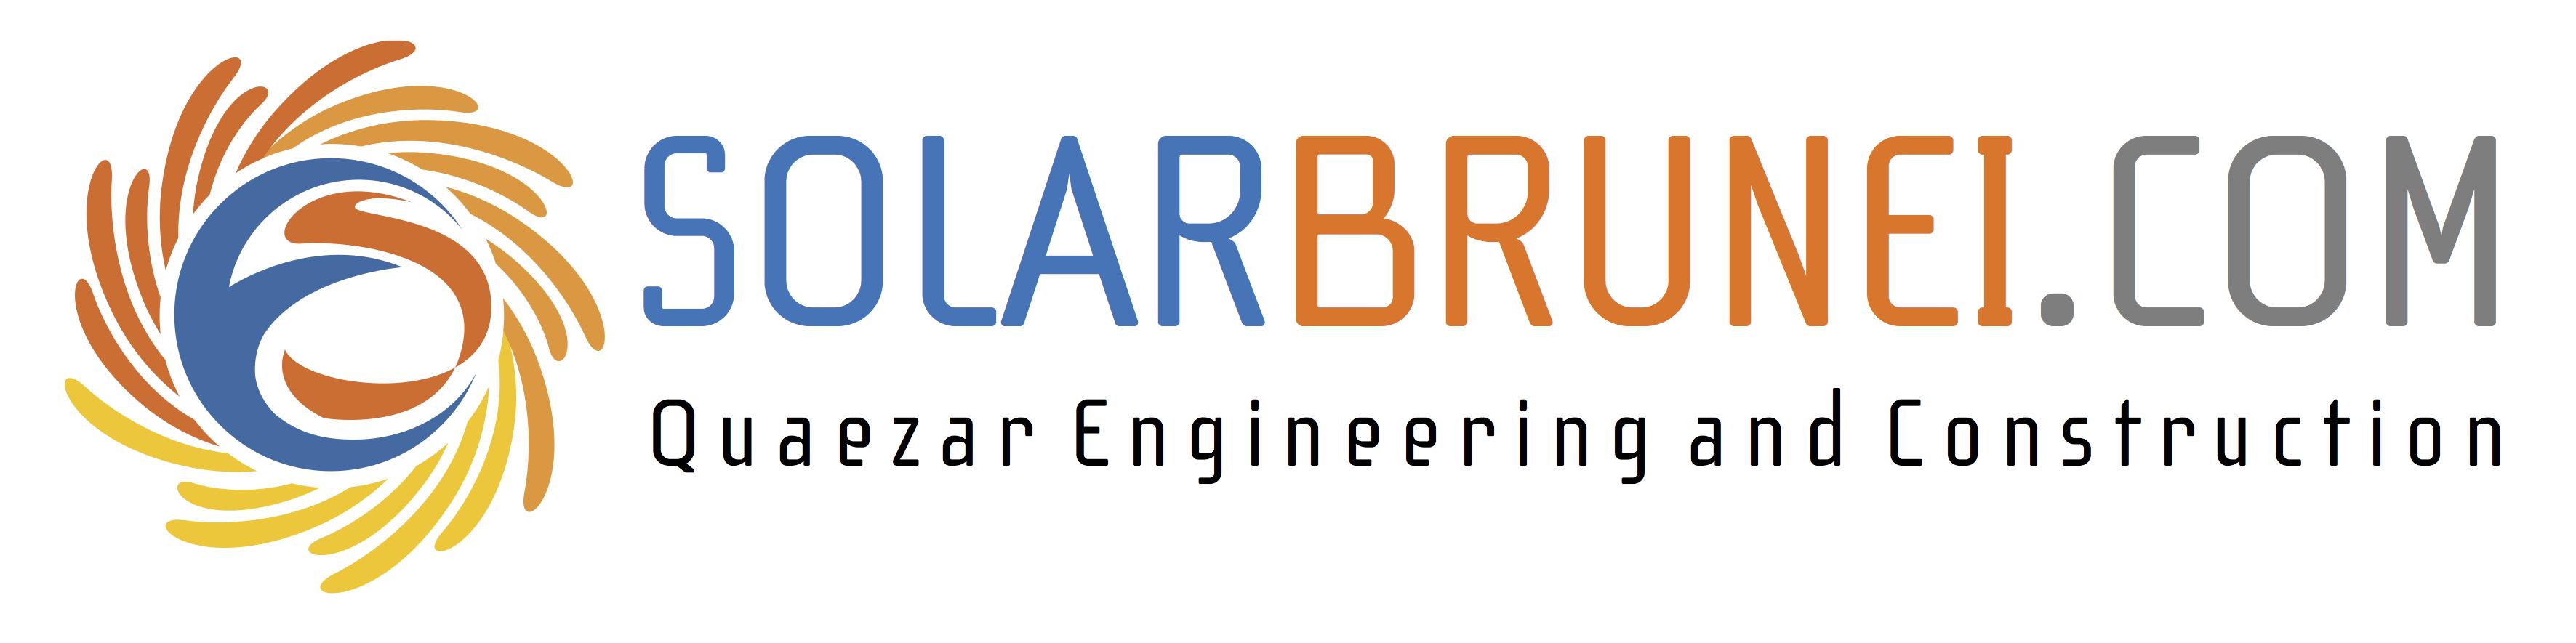 SolarBrunei.com logo